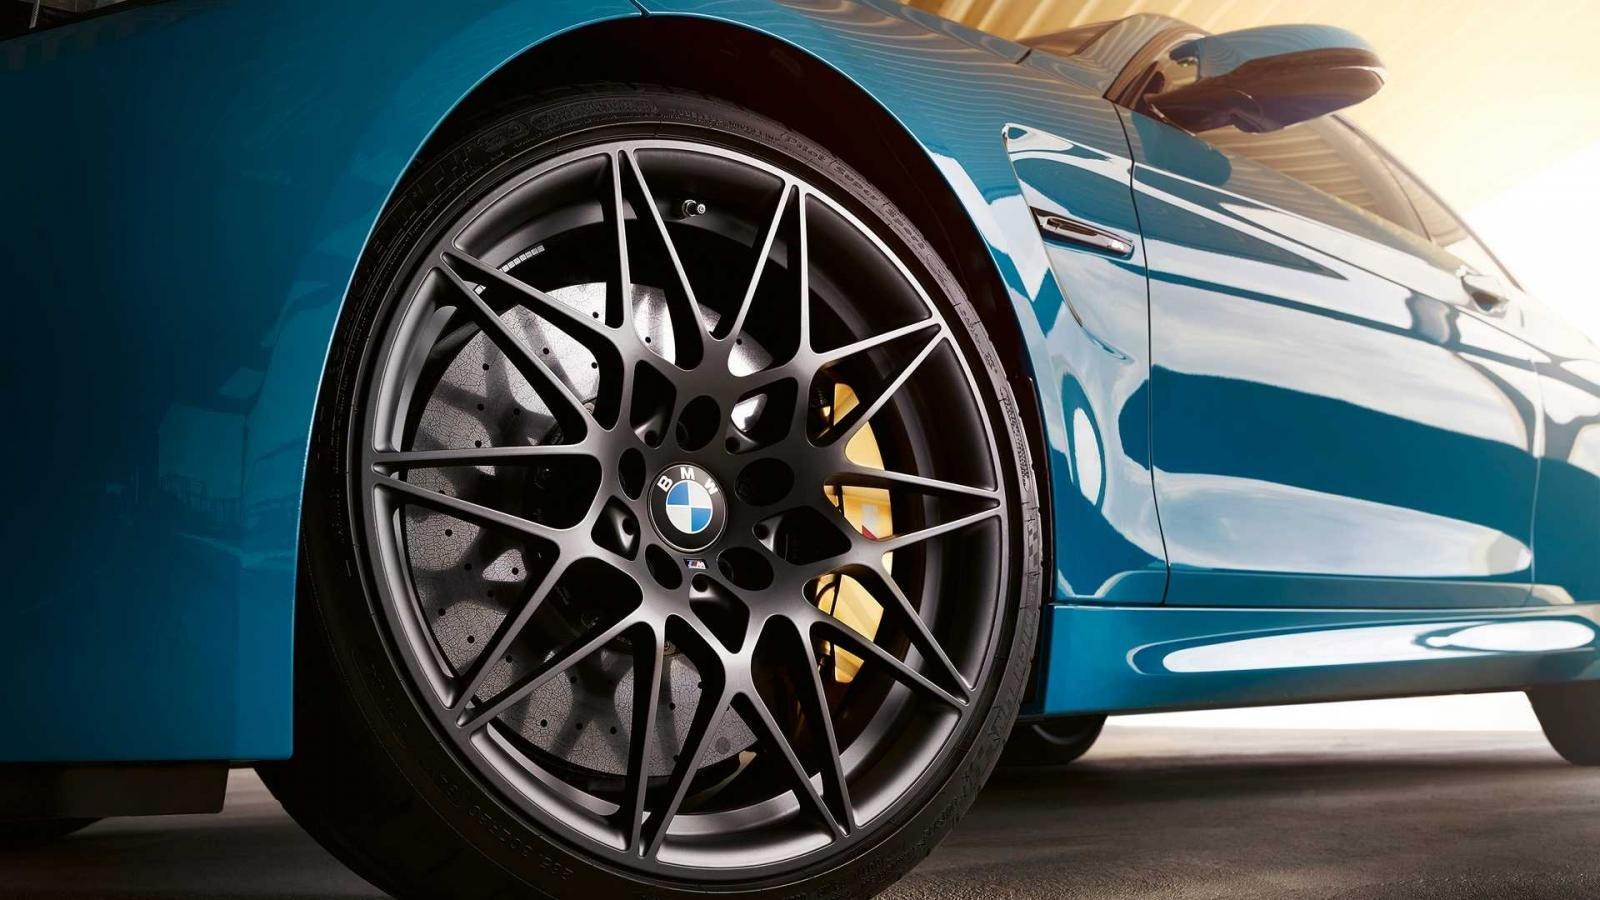 BMW M4 Edition M Heritage sở hữu la-zăng hợp kim 20 inch hình ngôi sao màu Orbit Grey mờ.